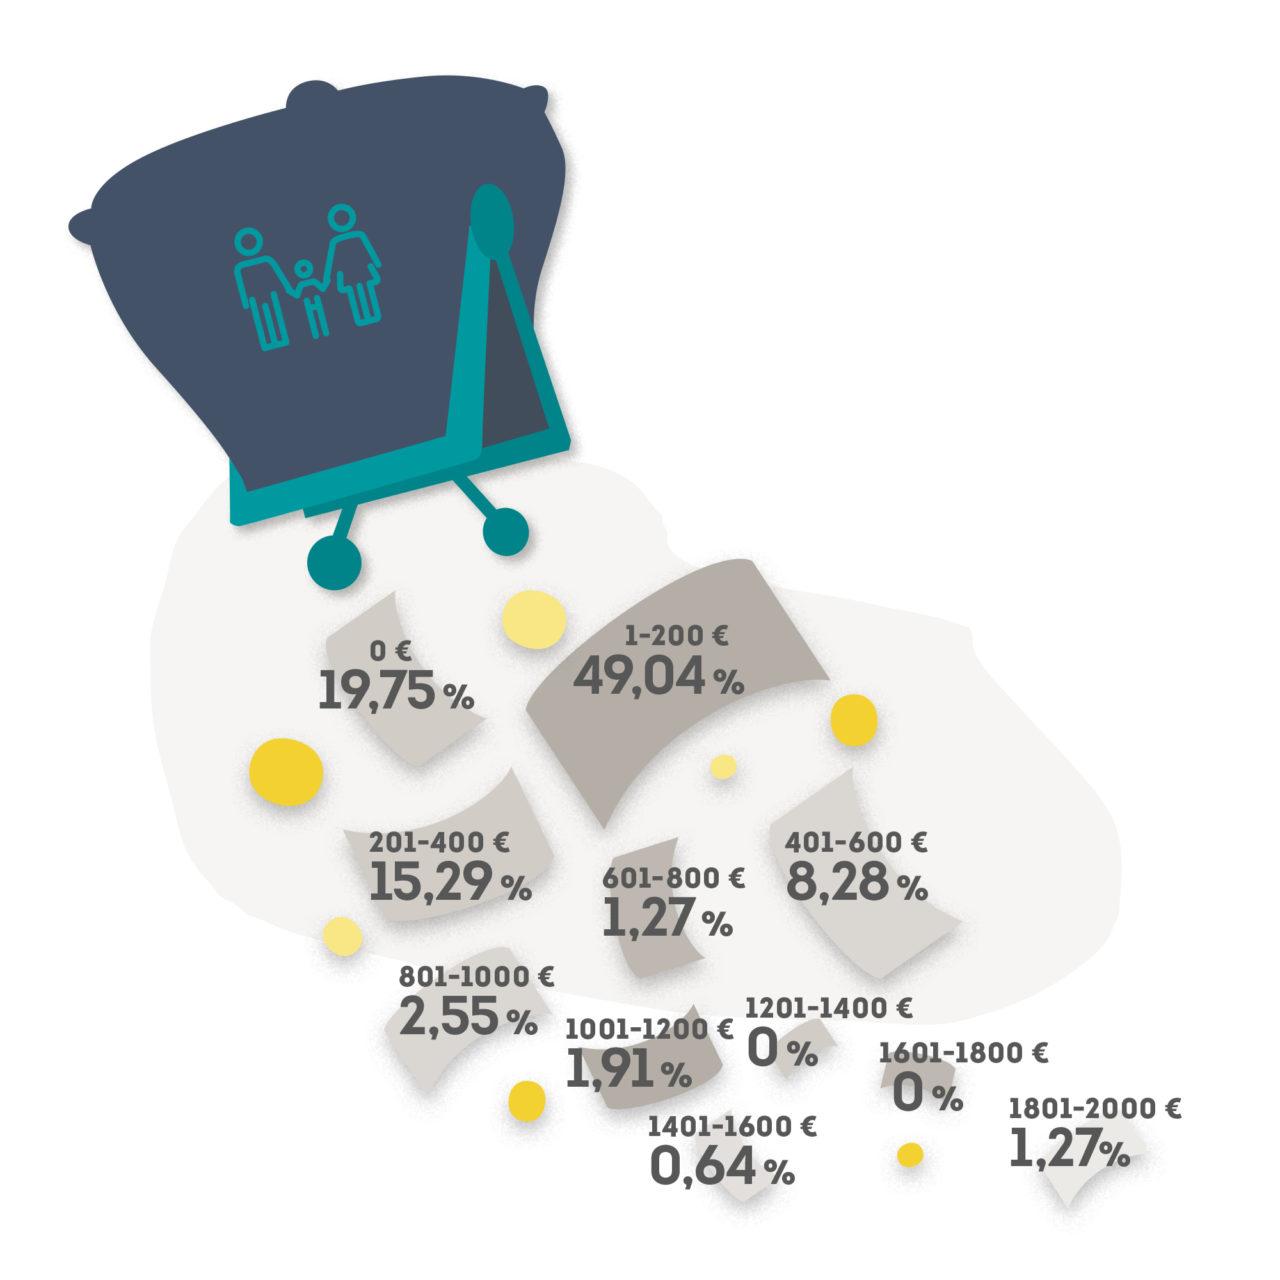 infographic enquete eerstejaars (2)